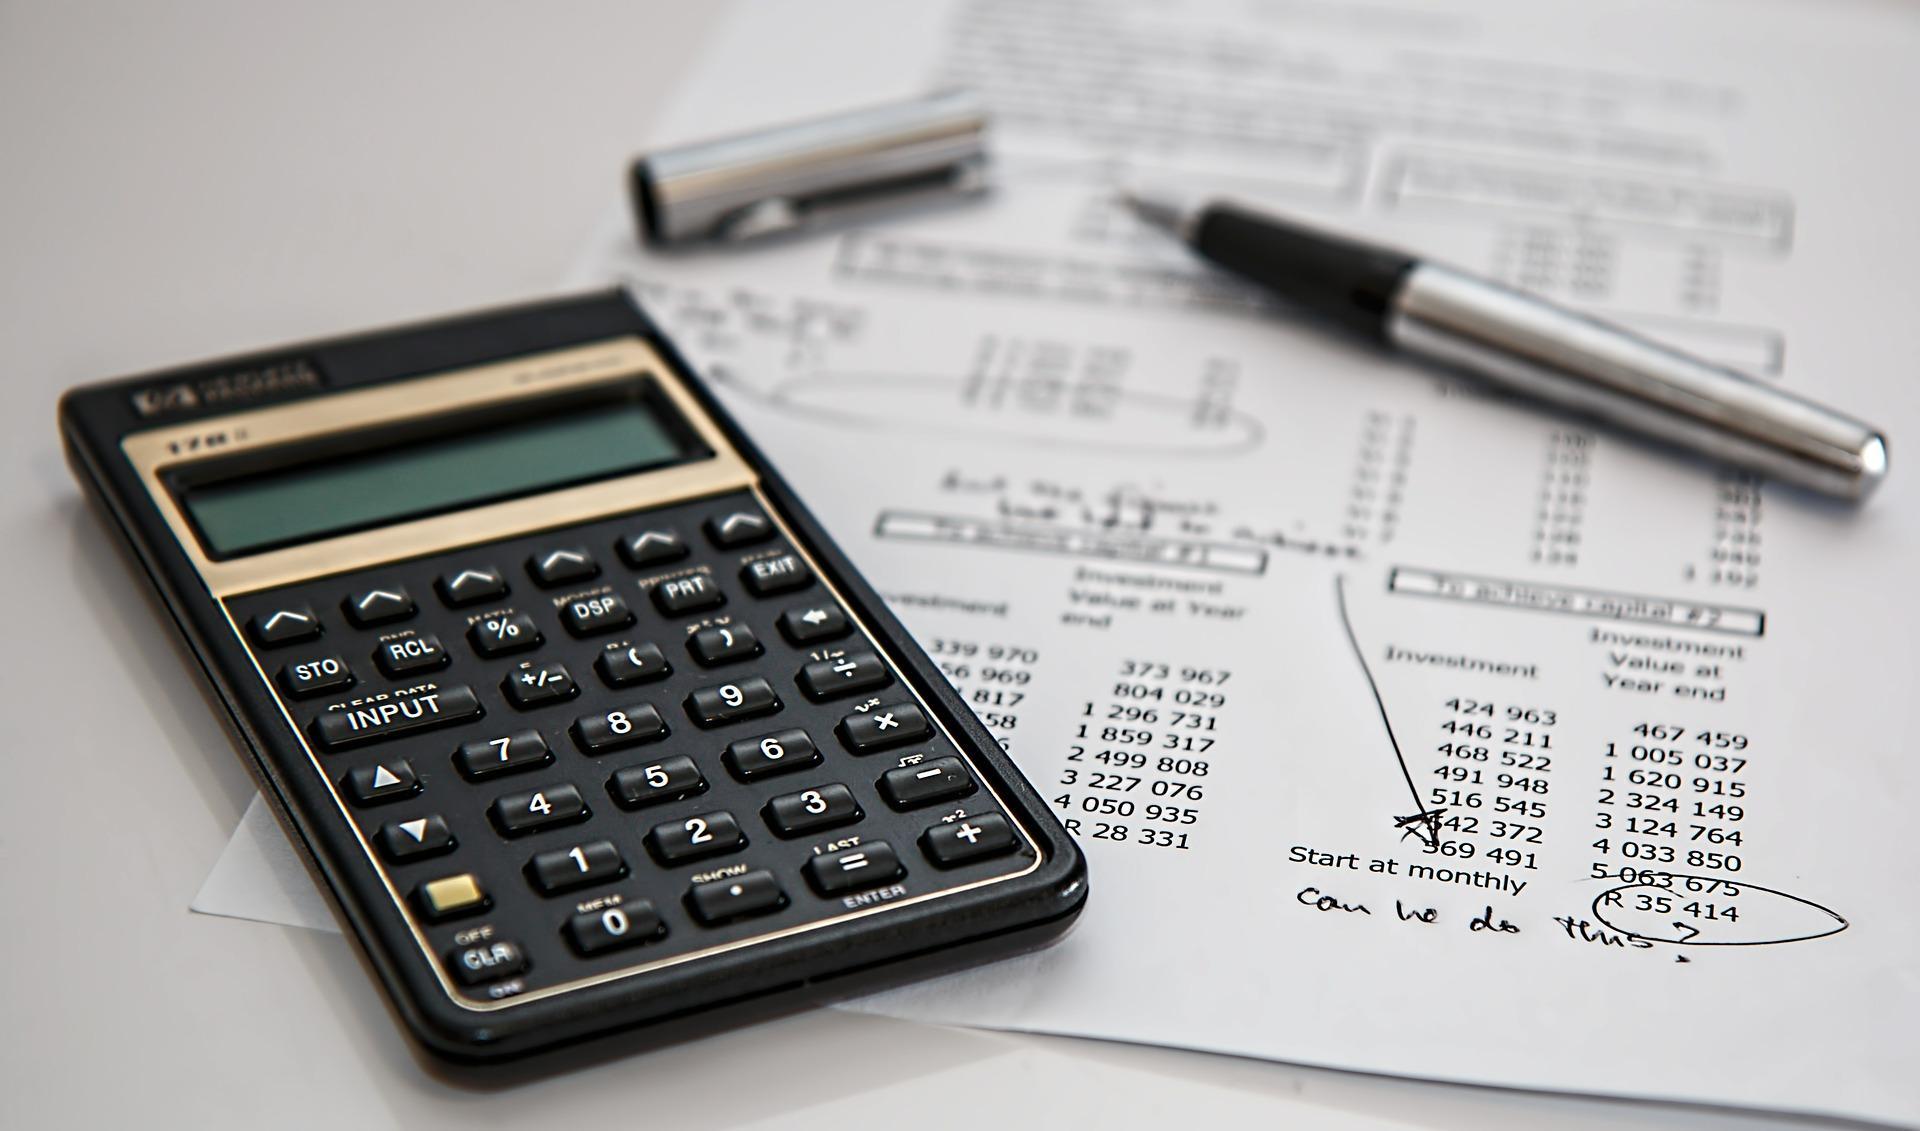 Der Vorläufigkeitsvermerk und die fragliche Gewinnerzielungsabsicht des Reithallenbetriebs